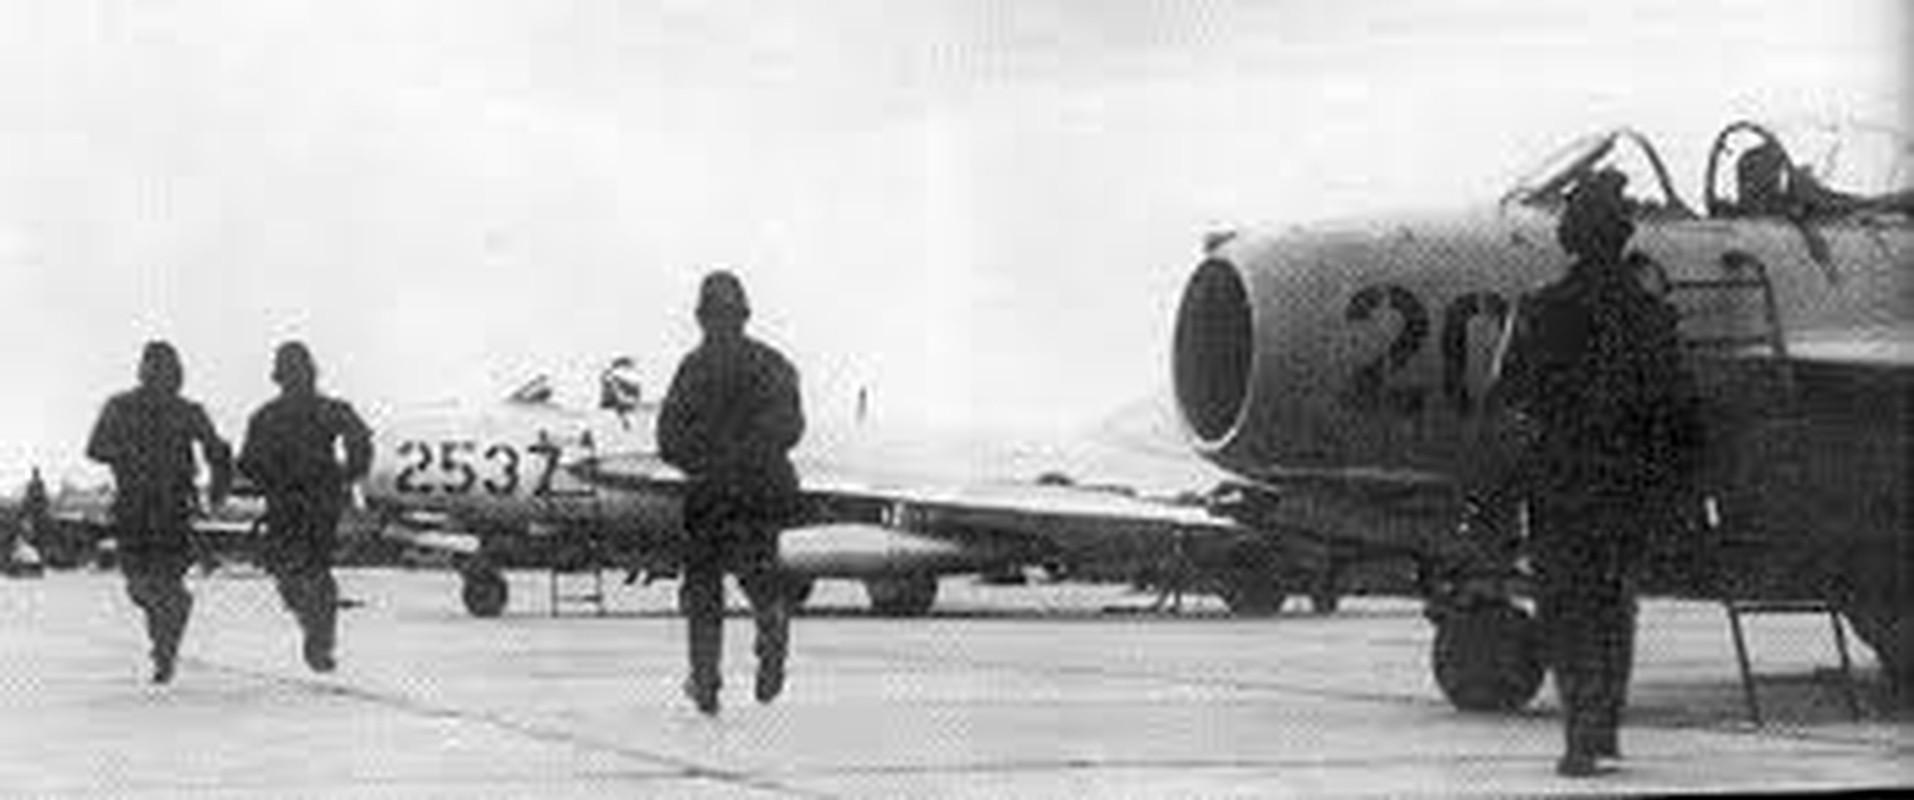 Chuyen gia diet MiG va bai thuc hanh do te cua ong hieu truong-Hinh-12